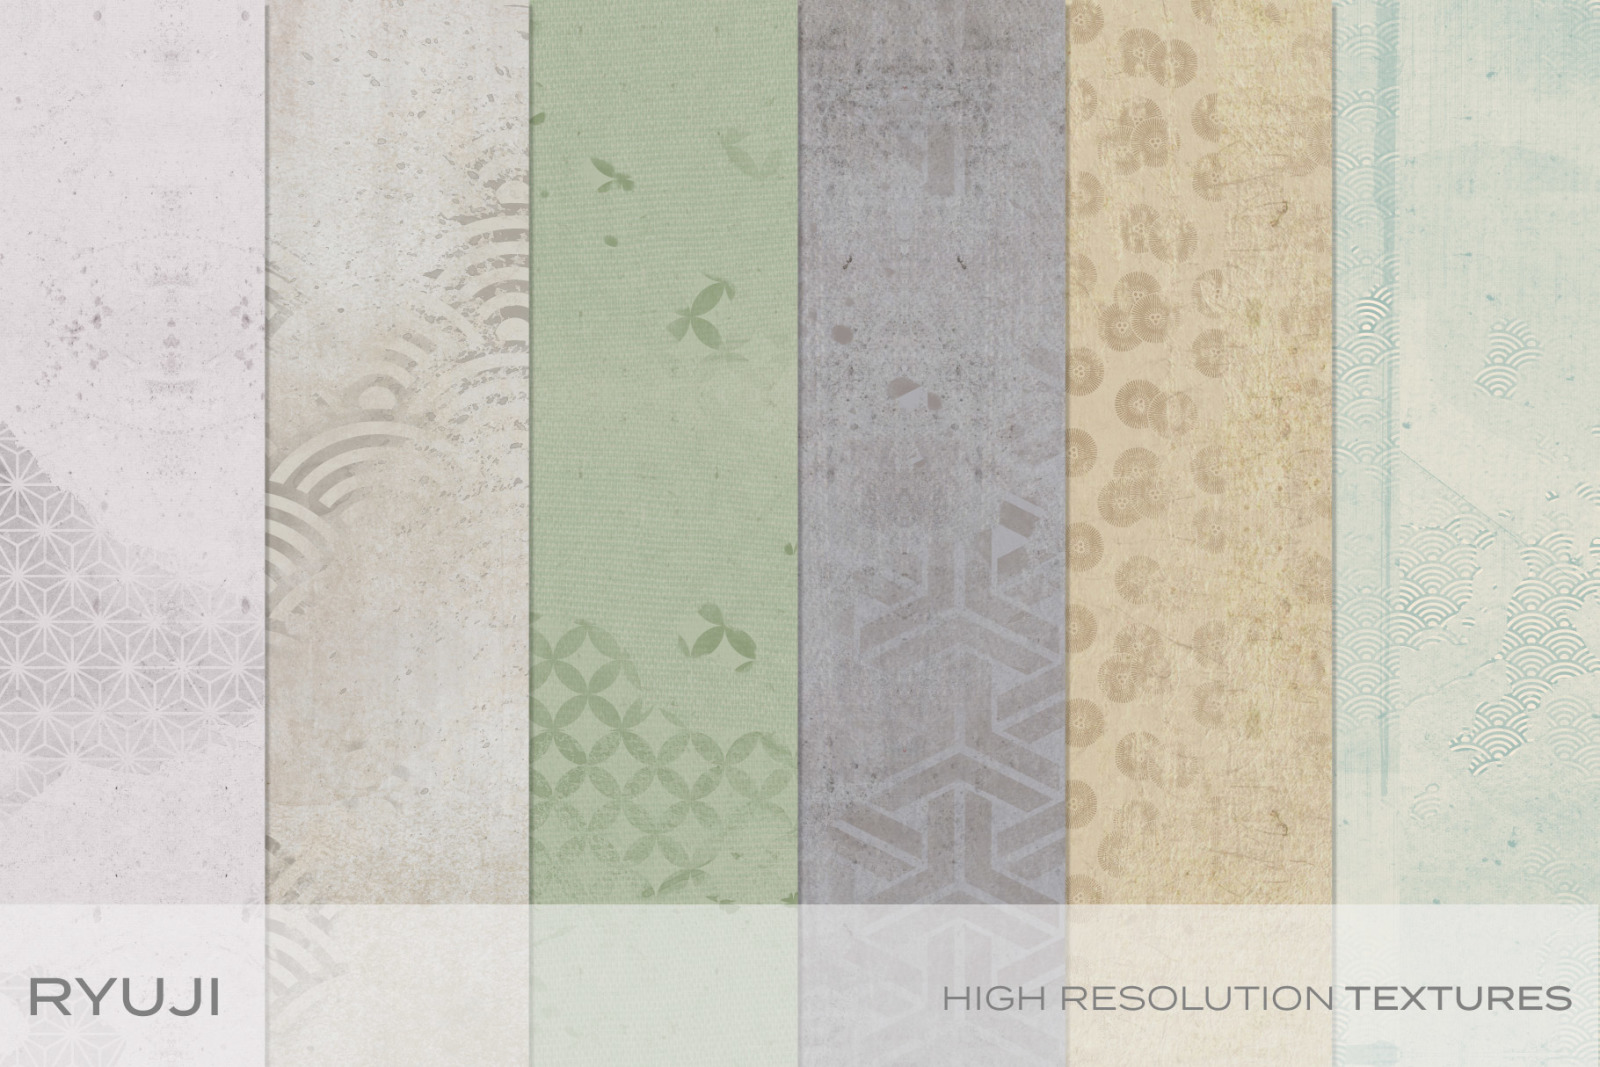 Ryuji Textures